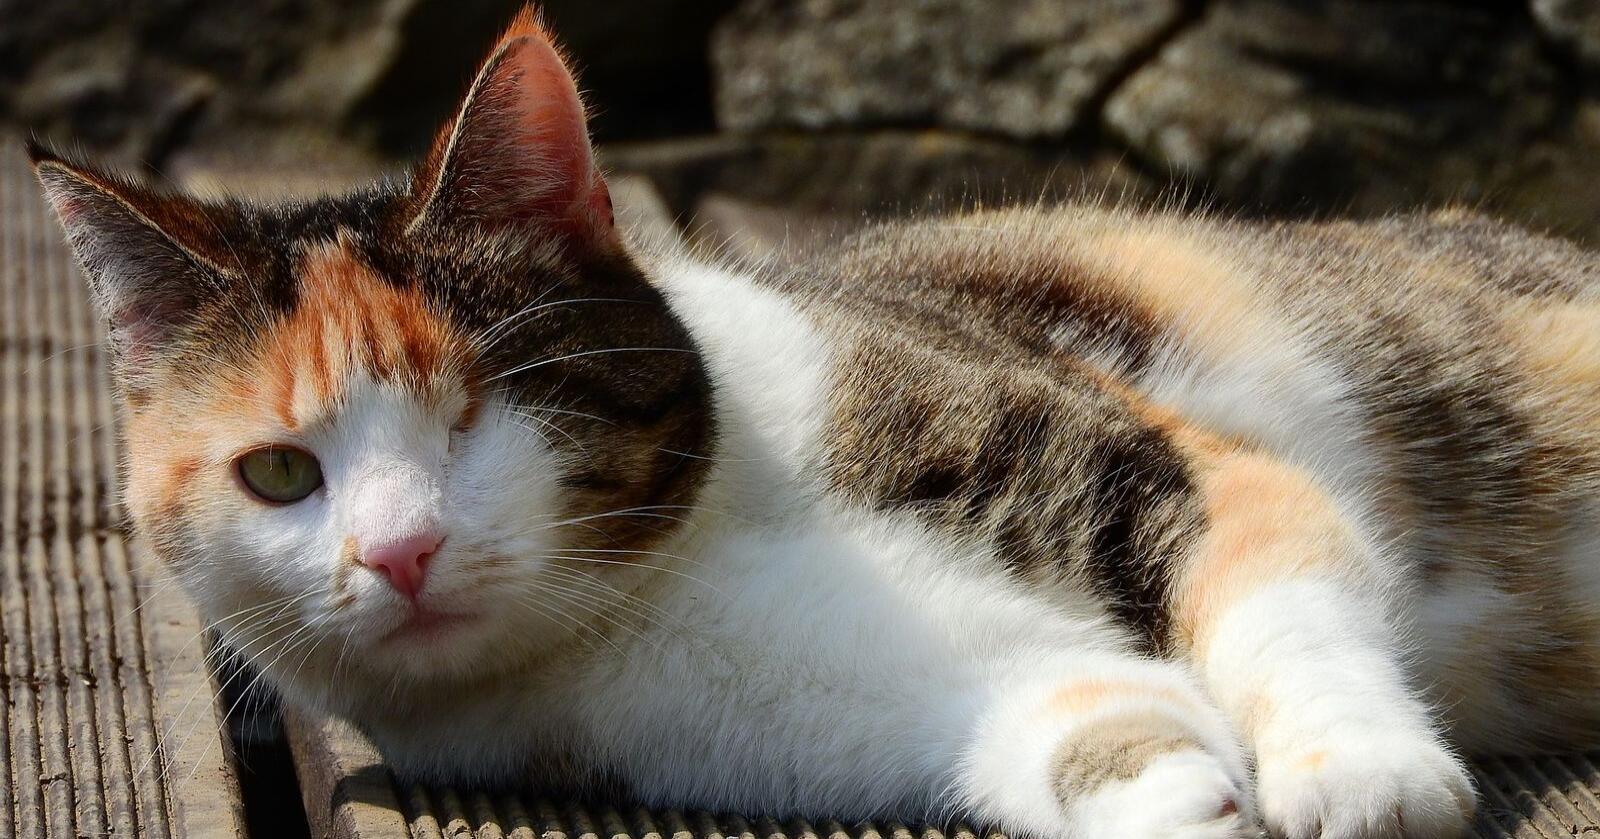 En bot er ikke nok når umerka feller plasseres slik at tamme dyr skades og drepes, skriver Jenny Rolness. (Illustrasjonsfoto: Pixabay)